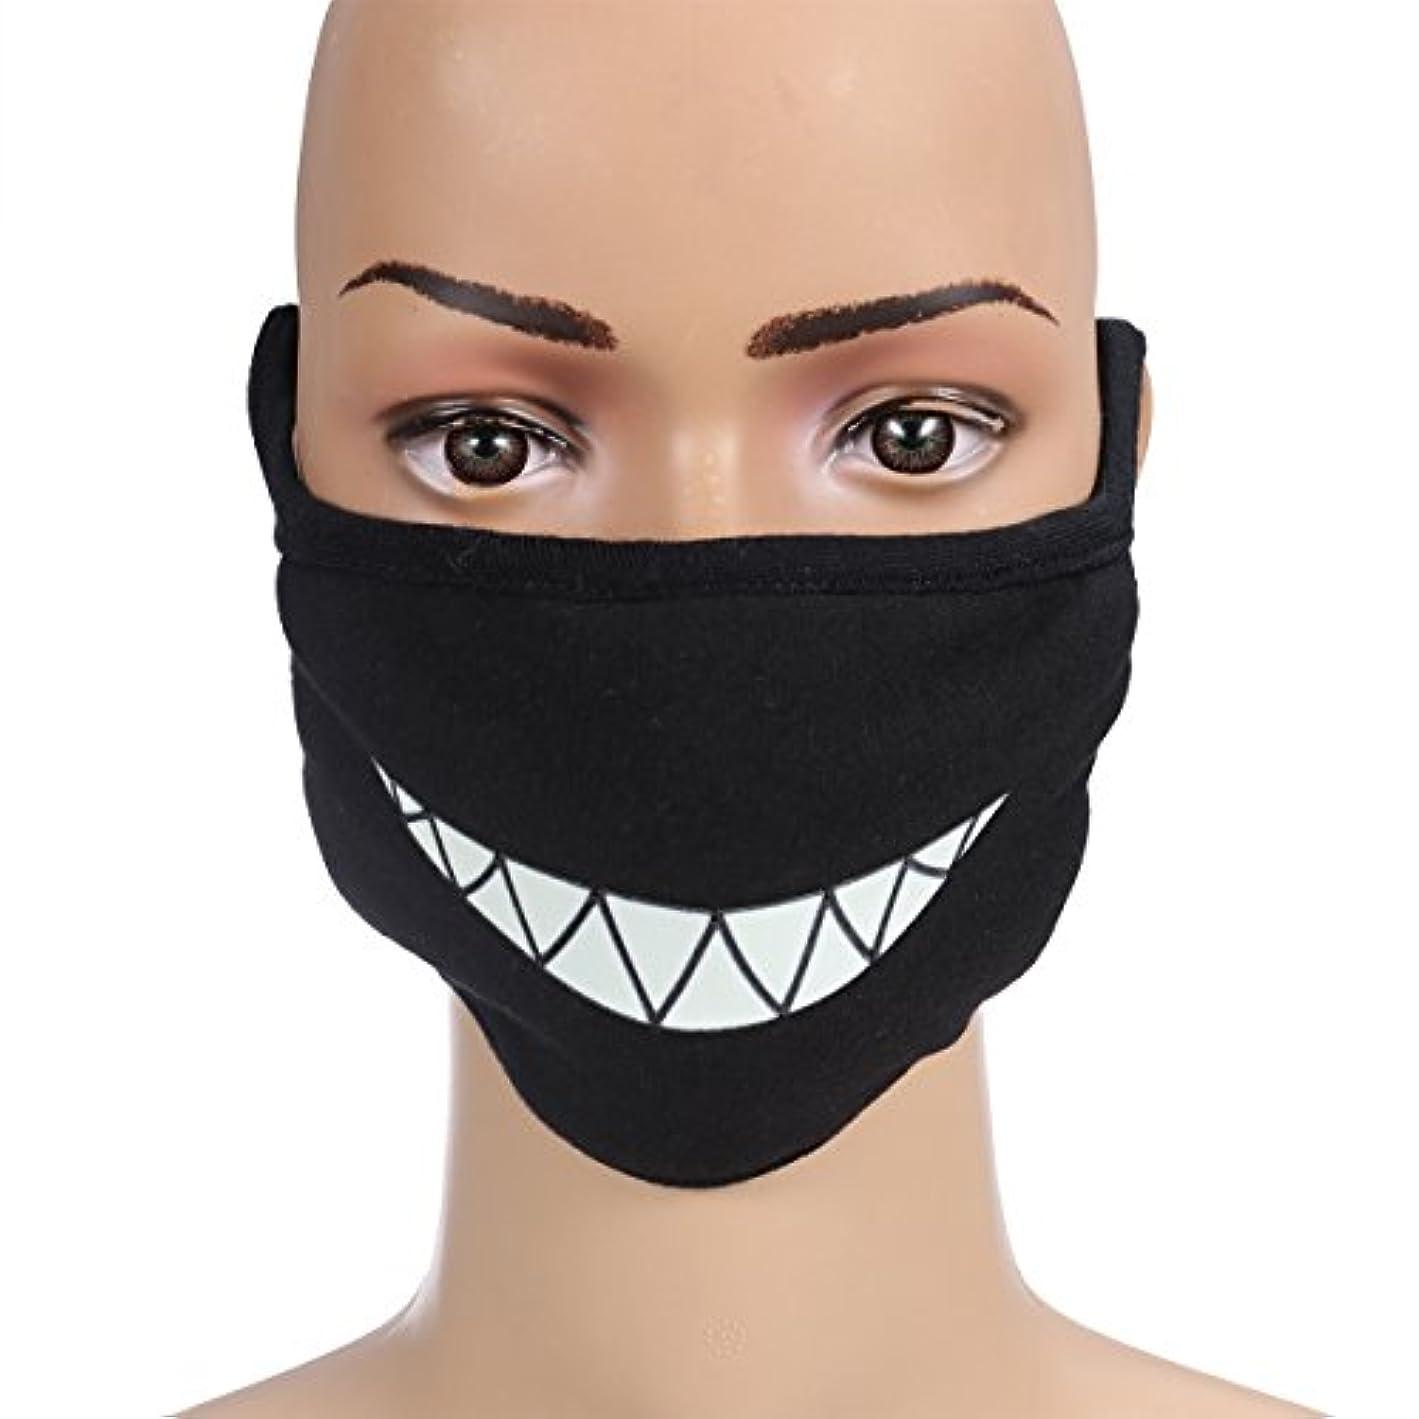 知覚するパック芸術的Toyvian ハロウィンコスプレ用防塵口マスク綿の歯発光口マスク